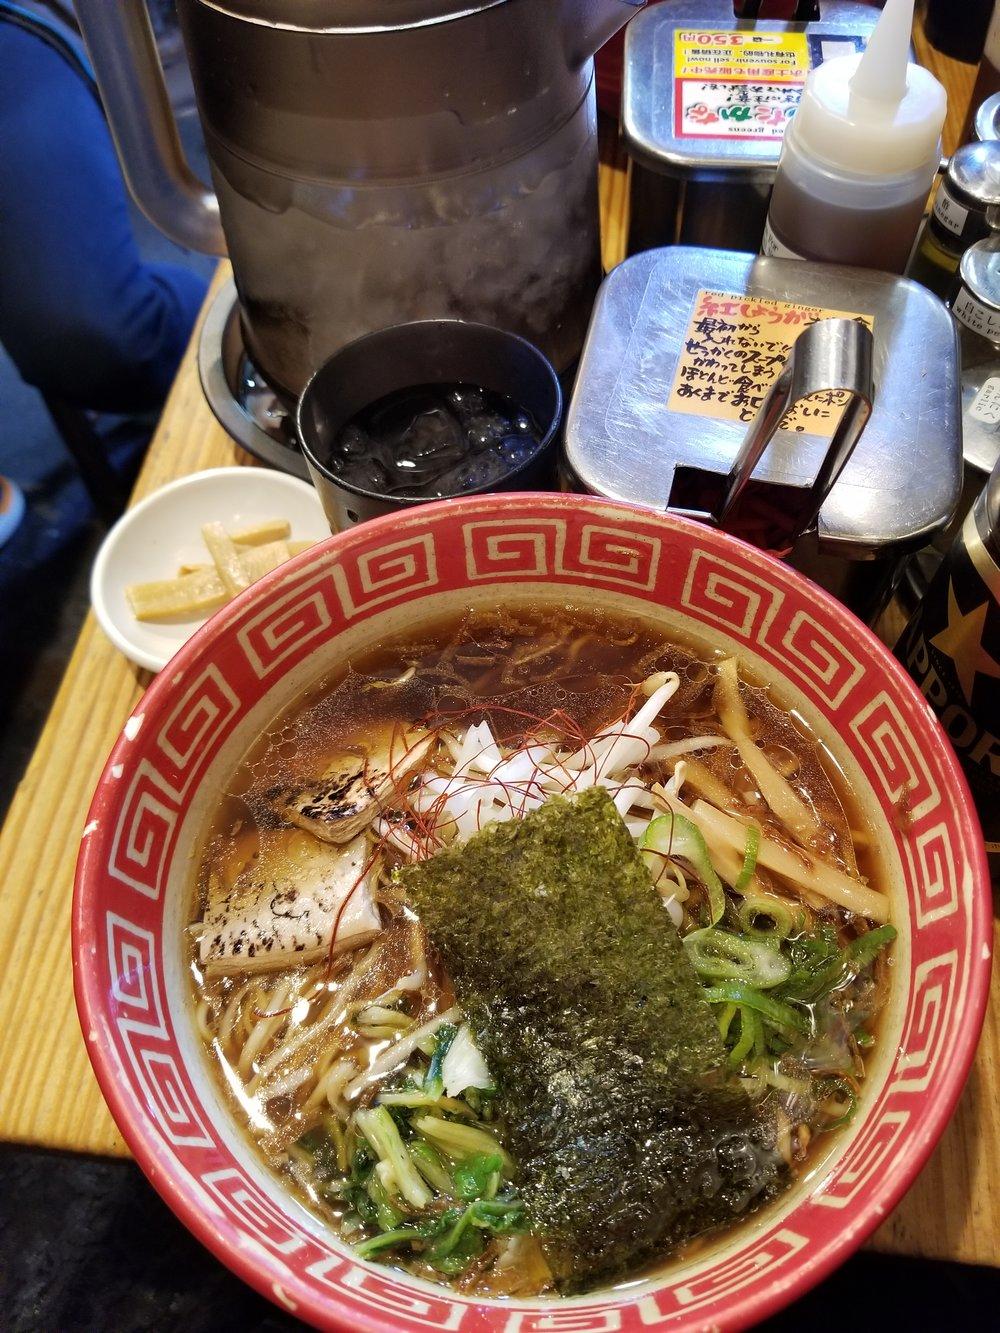 uprooted-traveler-ramen-kyushu-jangara-vegan-guide-to-tokyo